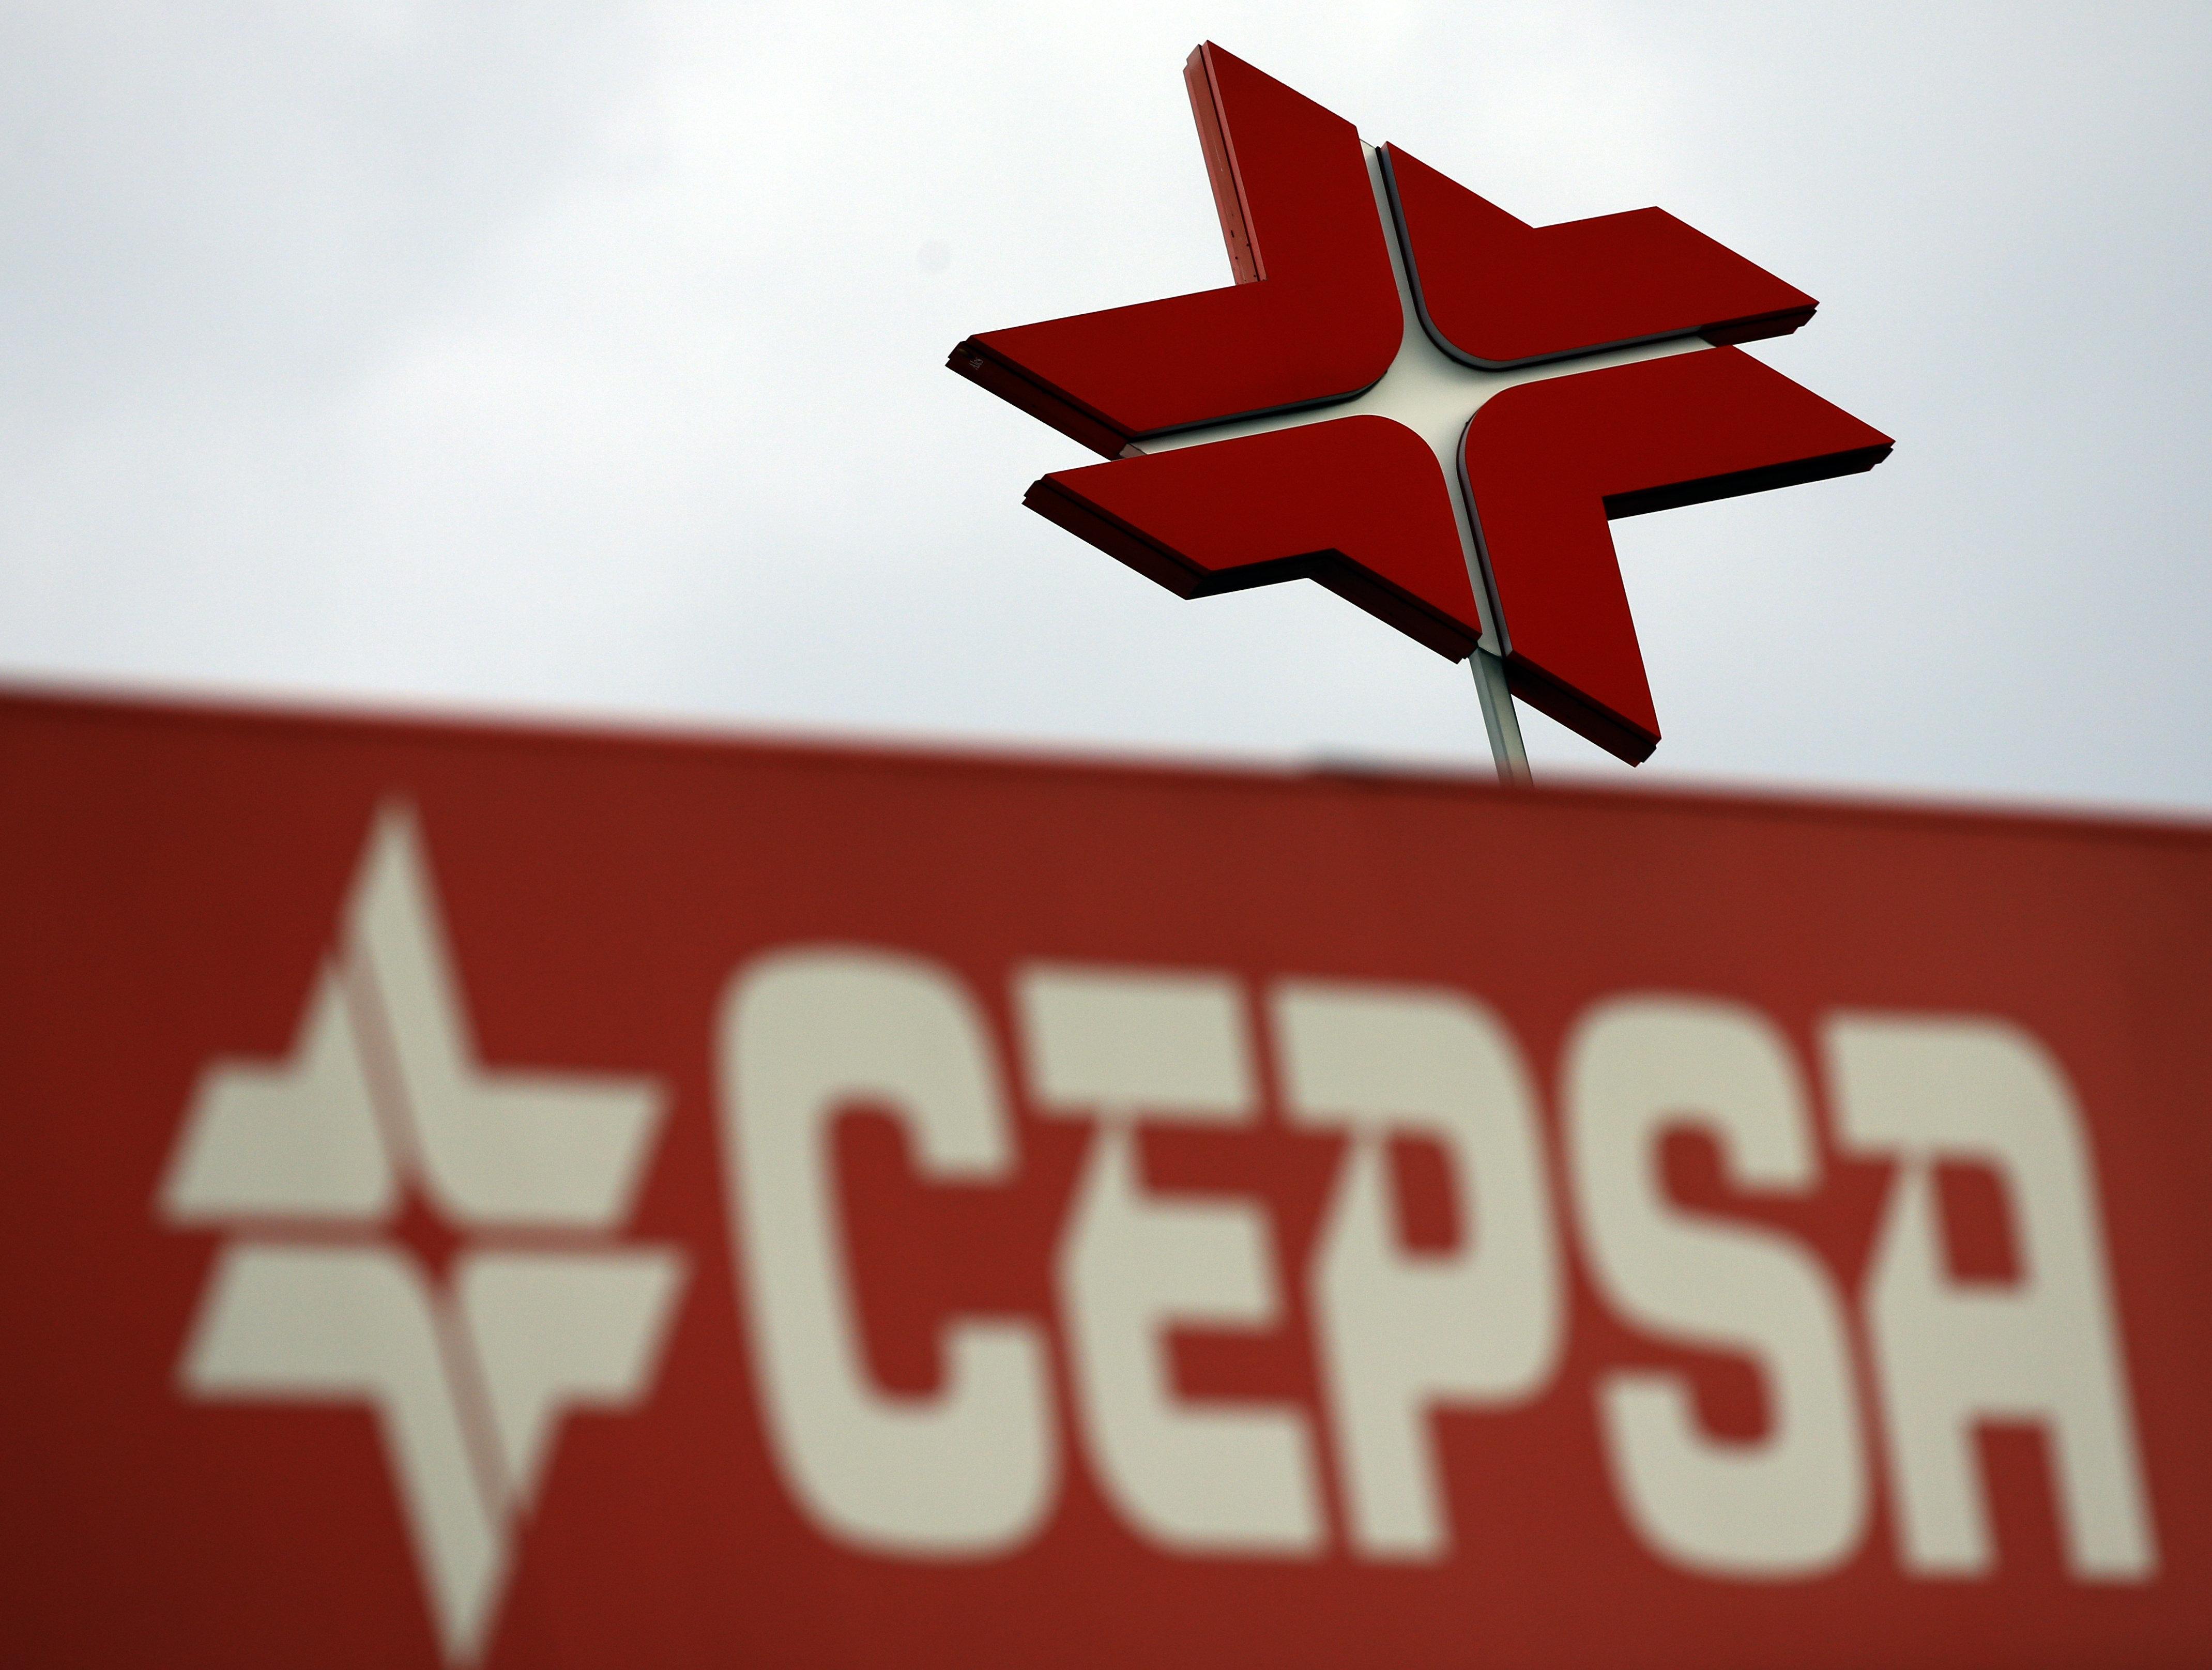 La compagnie espagnole CEPSA va augmenter sa participation à 75% dans le bassin de